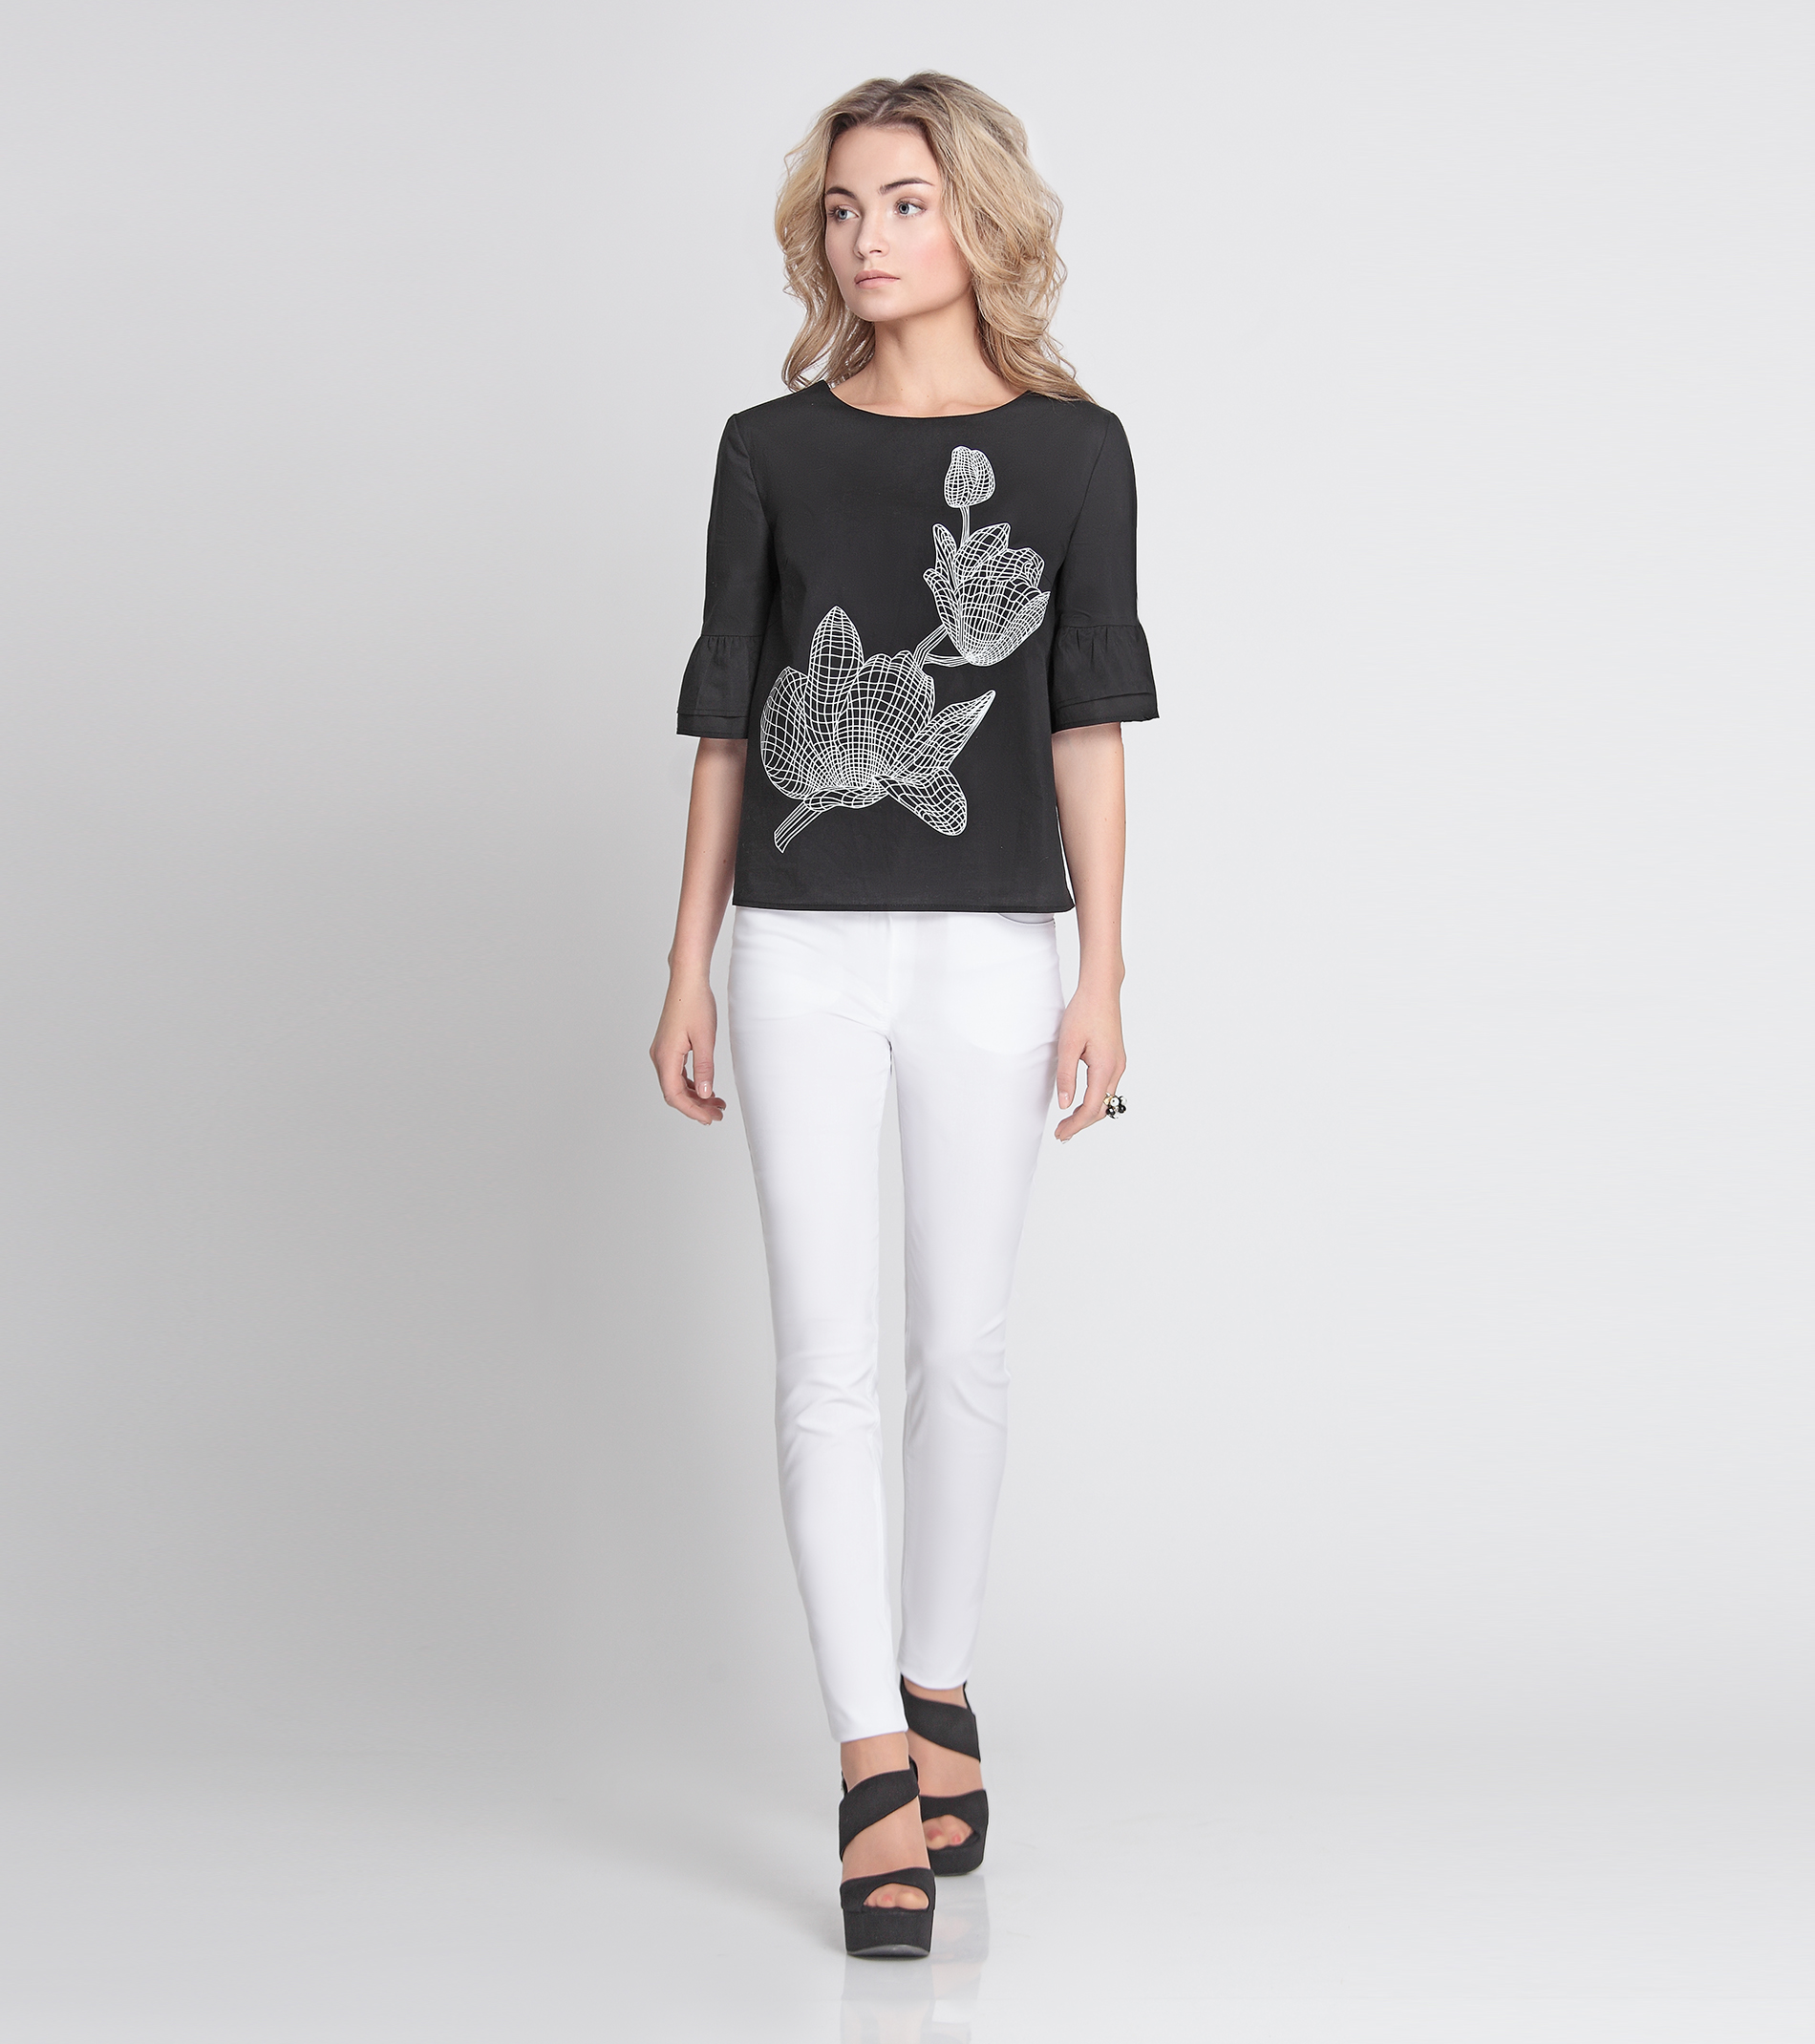 Женская одежда панда с доставкой